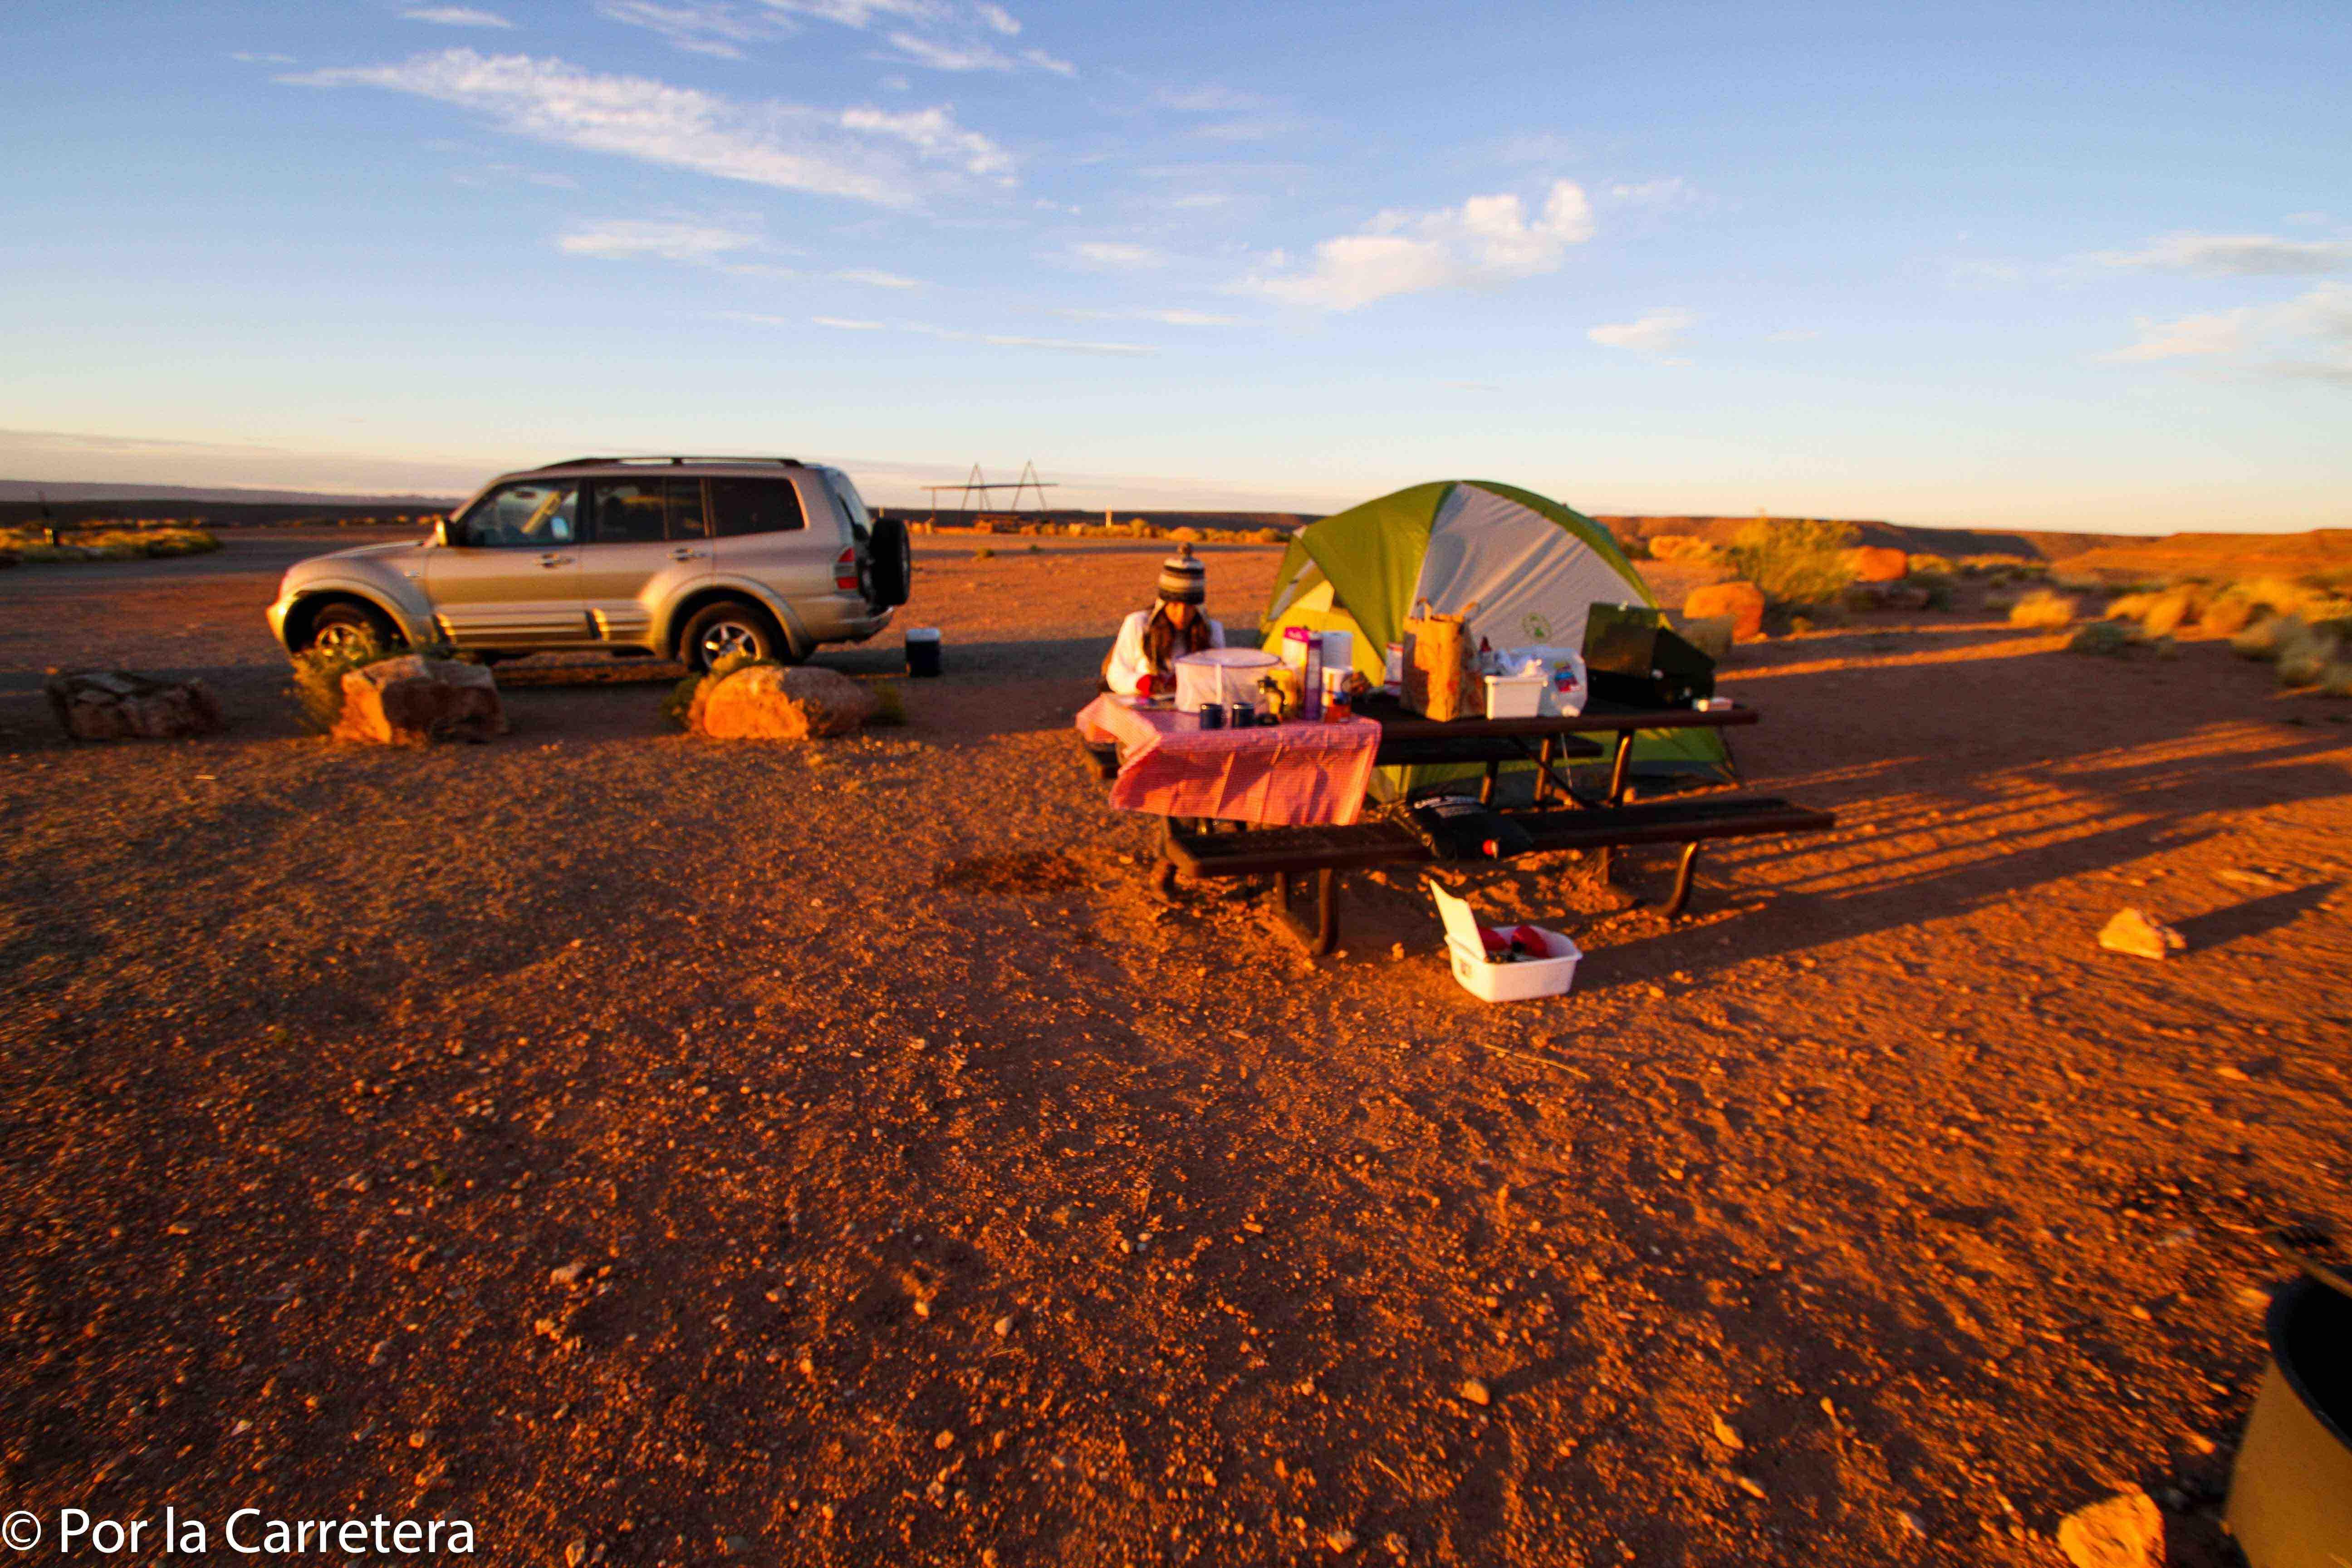 Nem todos os campings têm a mesma estrutura...